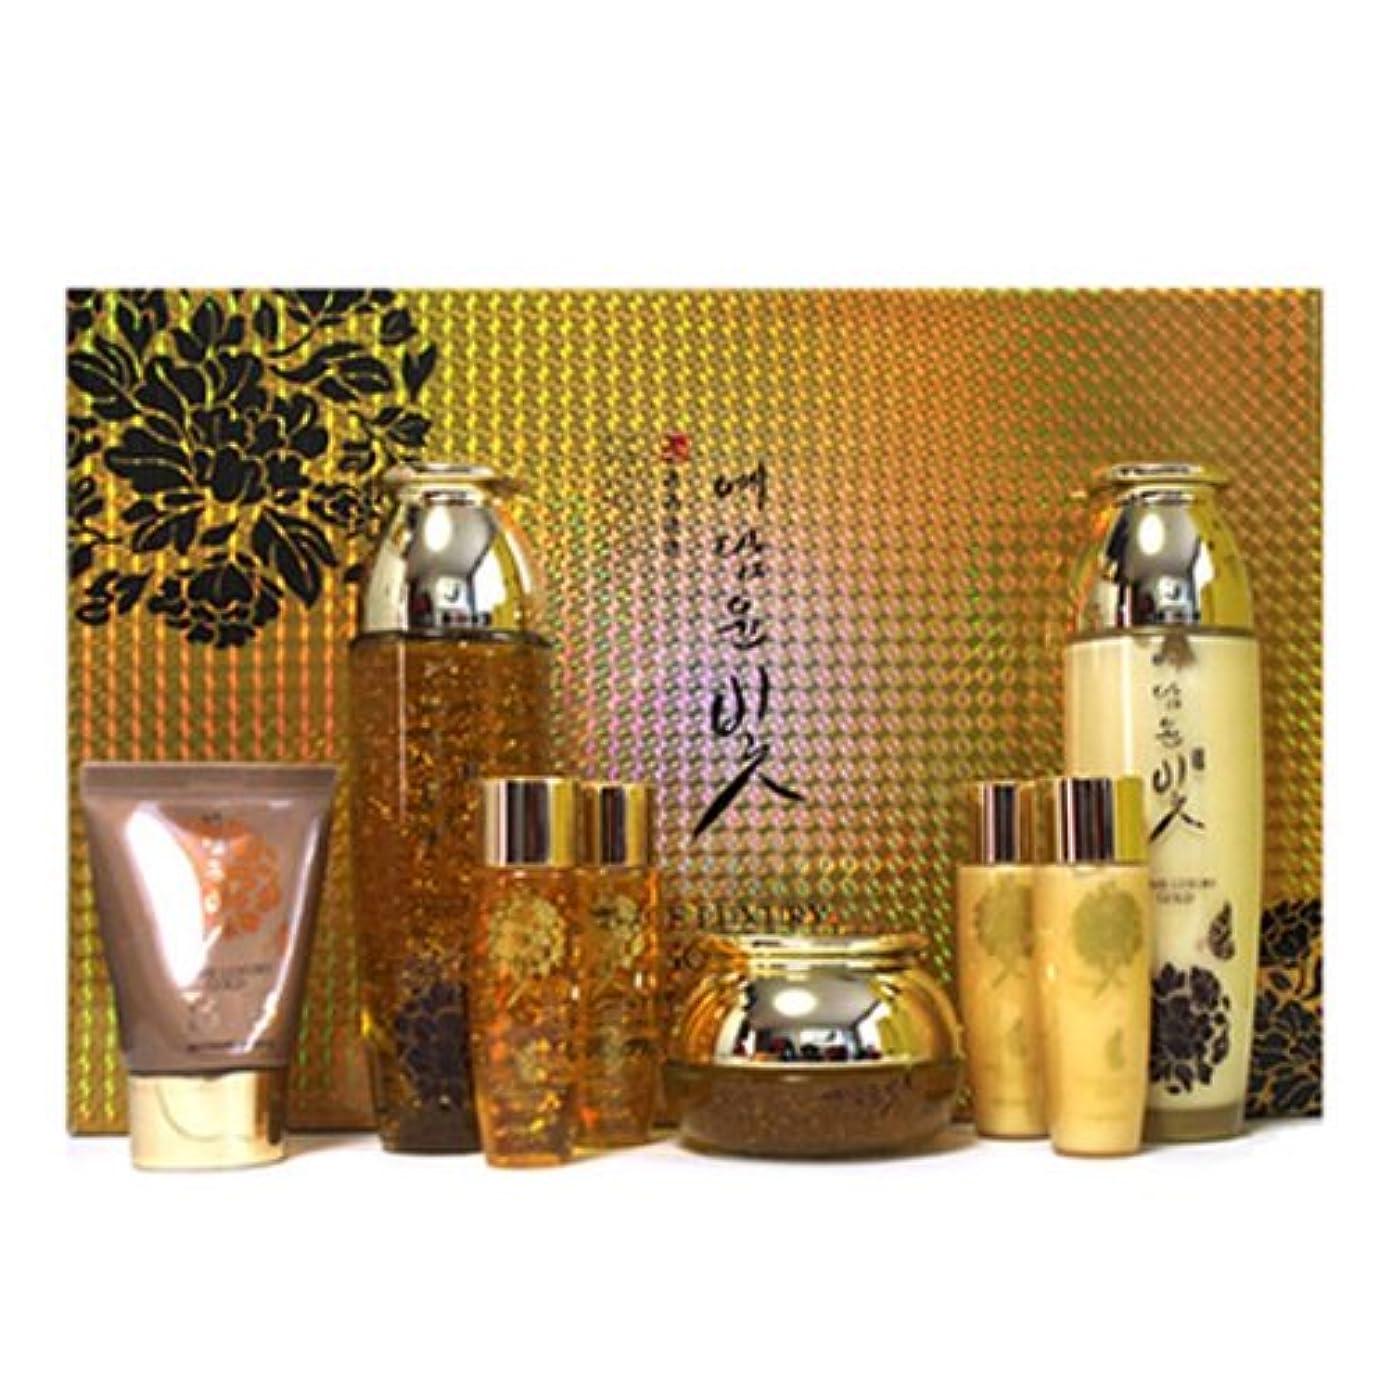 藤色ソート予見するイェダムユンビト[韓国コスメYedam Yun Bit]Prime Luxury Gold Skin Care Set プライムラグジュアリーゴールドスキンケア4セット 樹液 乳液 クリーム/ BBクリーム [並行輸入品]